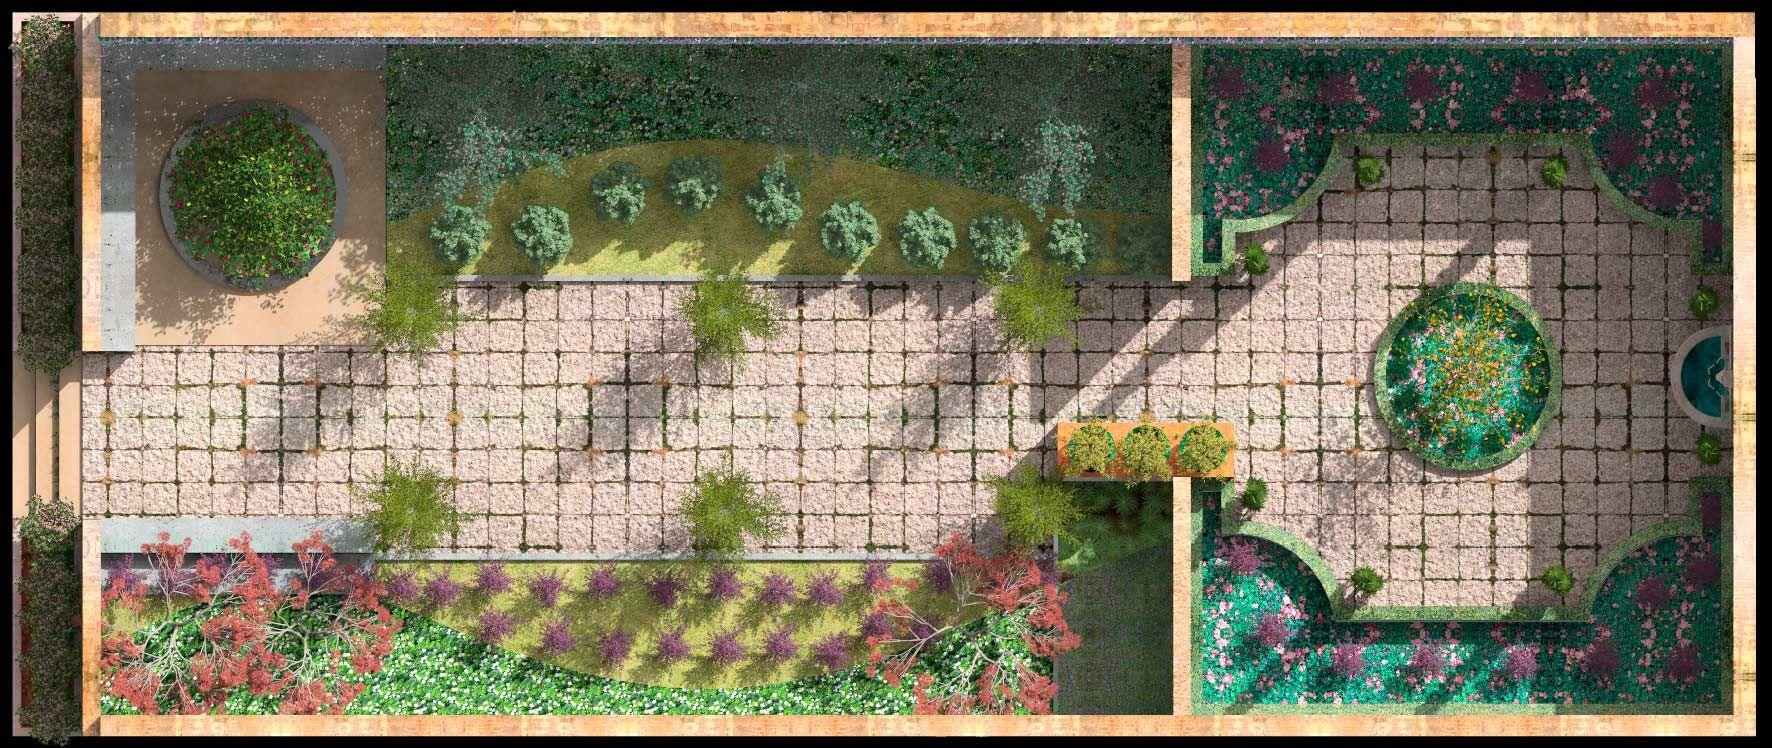 Jardin de los parterres dise o en planta tecnicas de - Software diseno jardines ...